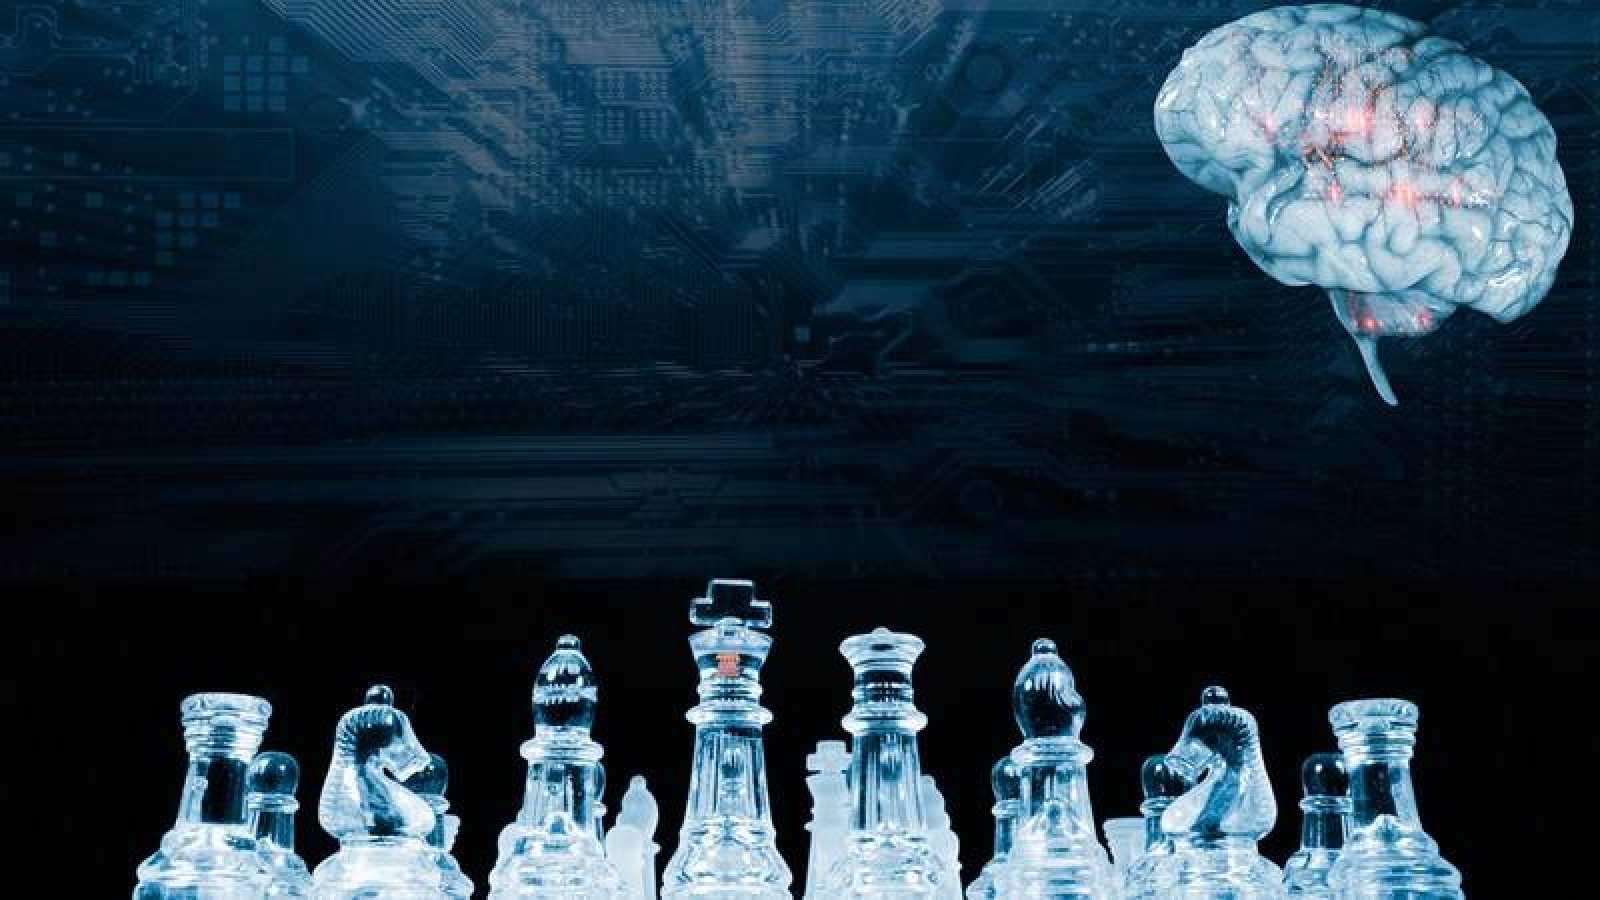 La inteligencia artificial basada en redes neuronales ha supuesto una revolución para el mundo del ajedrez.